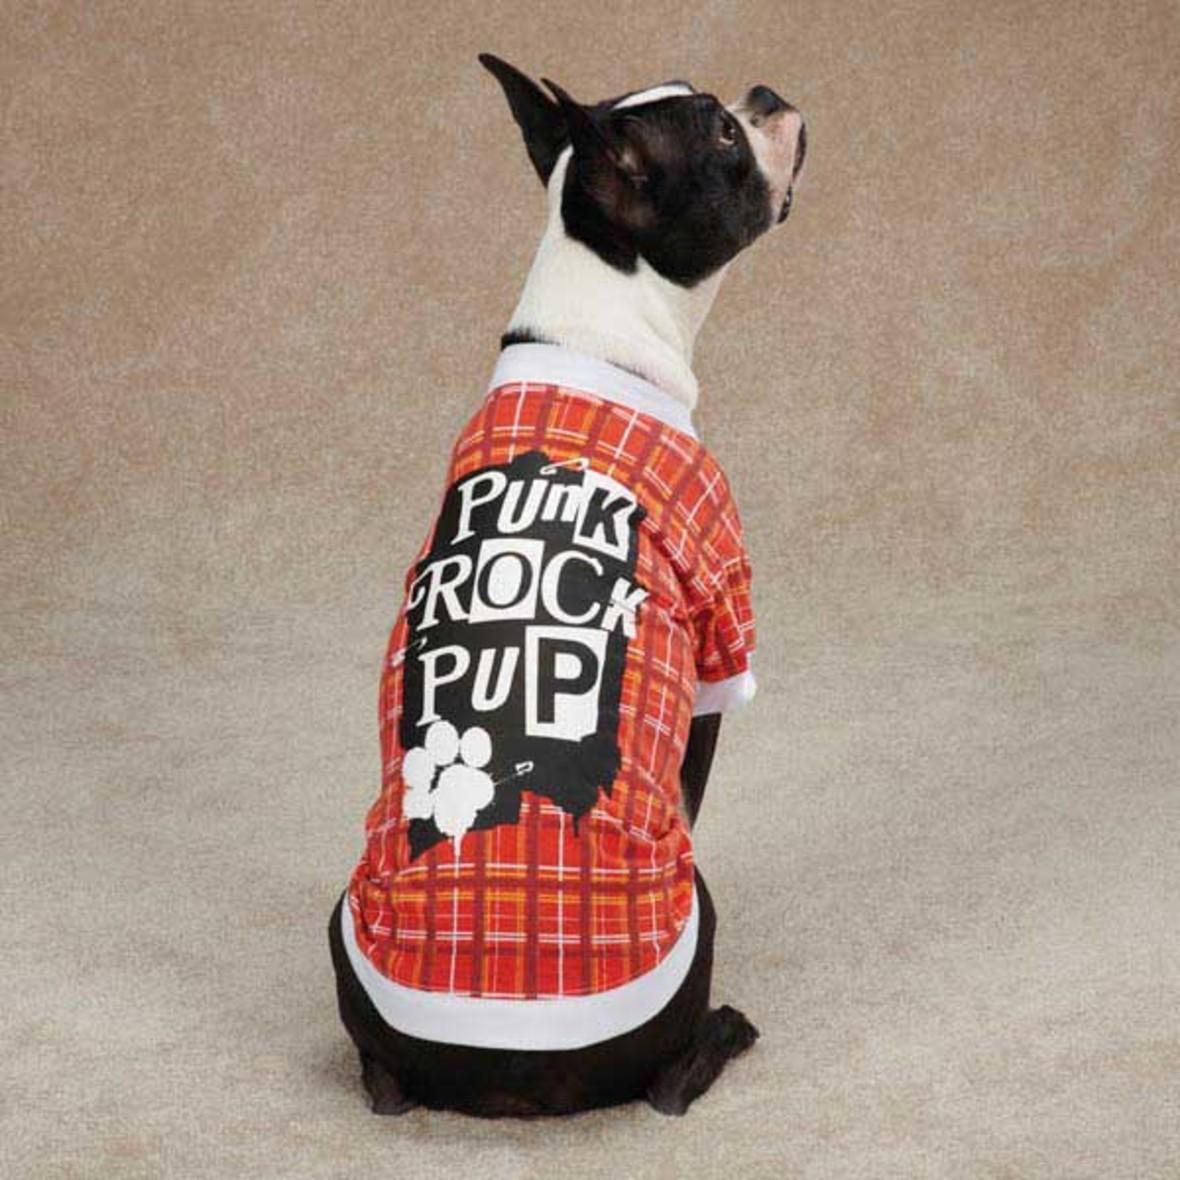 50 kotów i psów kochających punk rock